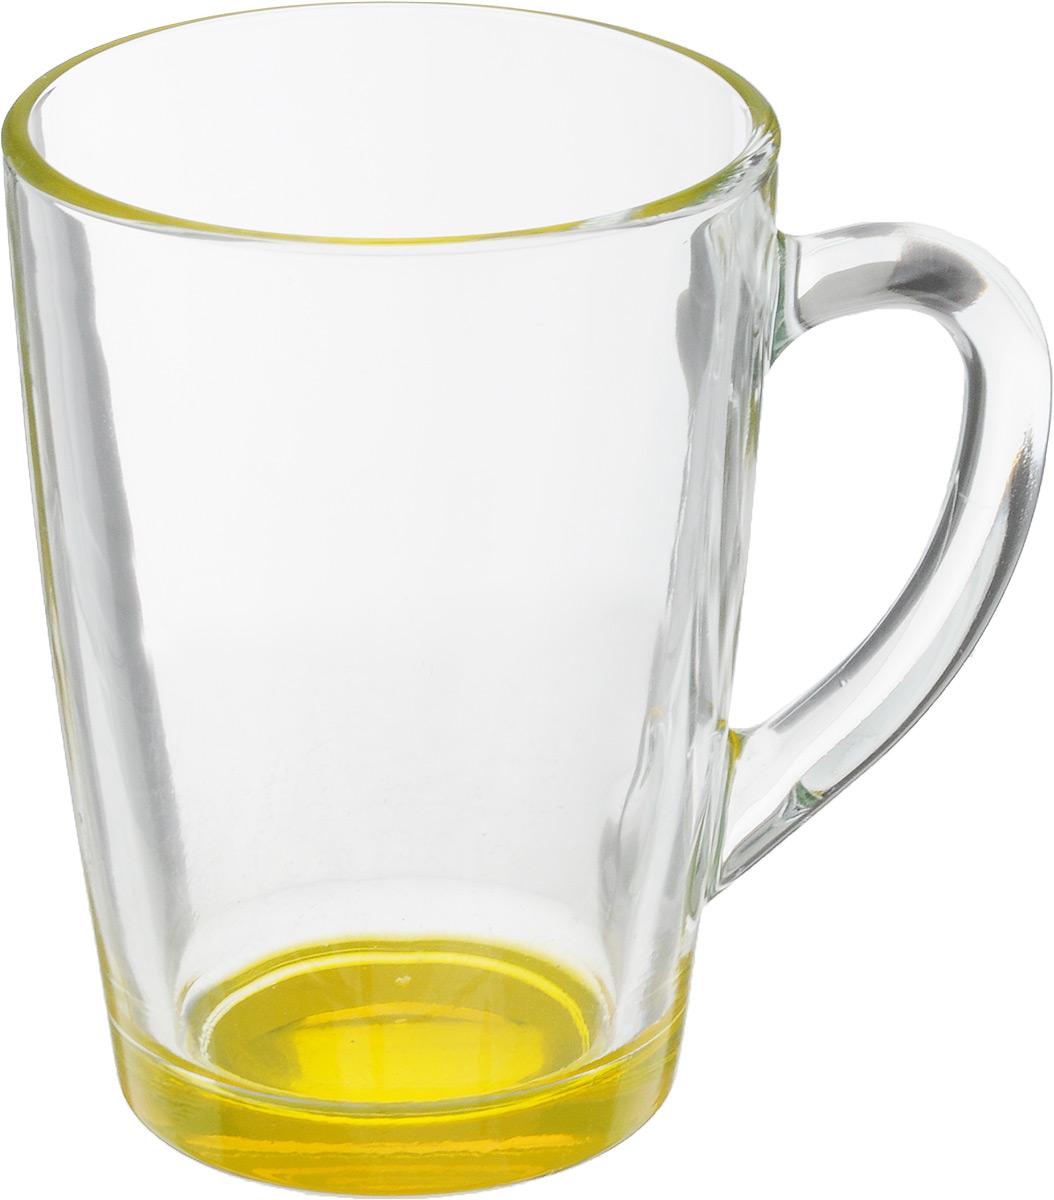 Кружка OSZ Капучино, цвет: прозрачный, желтый, 300 мл. 07C1334LM115510Кружка OSZ Капучино изготовлена из стекла двух цветов. Изделие идеально подходит для сервировки стола.Кружка не только украсит ваш кухонный стол, но и подчеркнет прекрасный вкус хозяйки. Диаметр кружки (по верхнему краю): 8 см. Высота кружки: 11 см. Объем кружки: 300 мл.